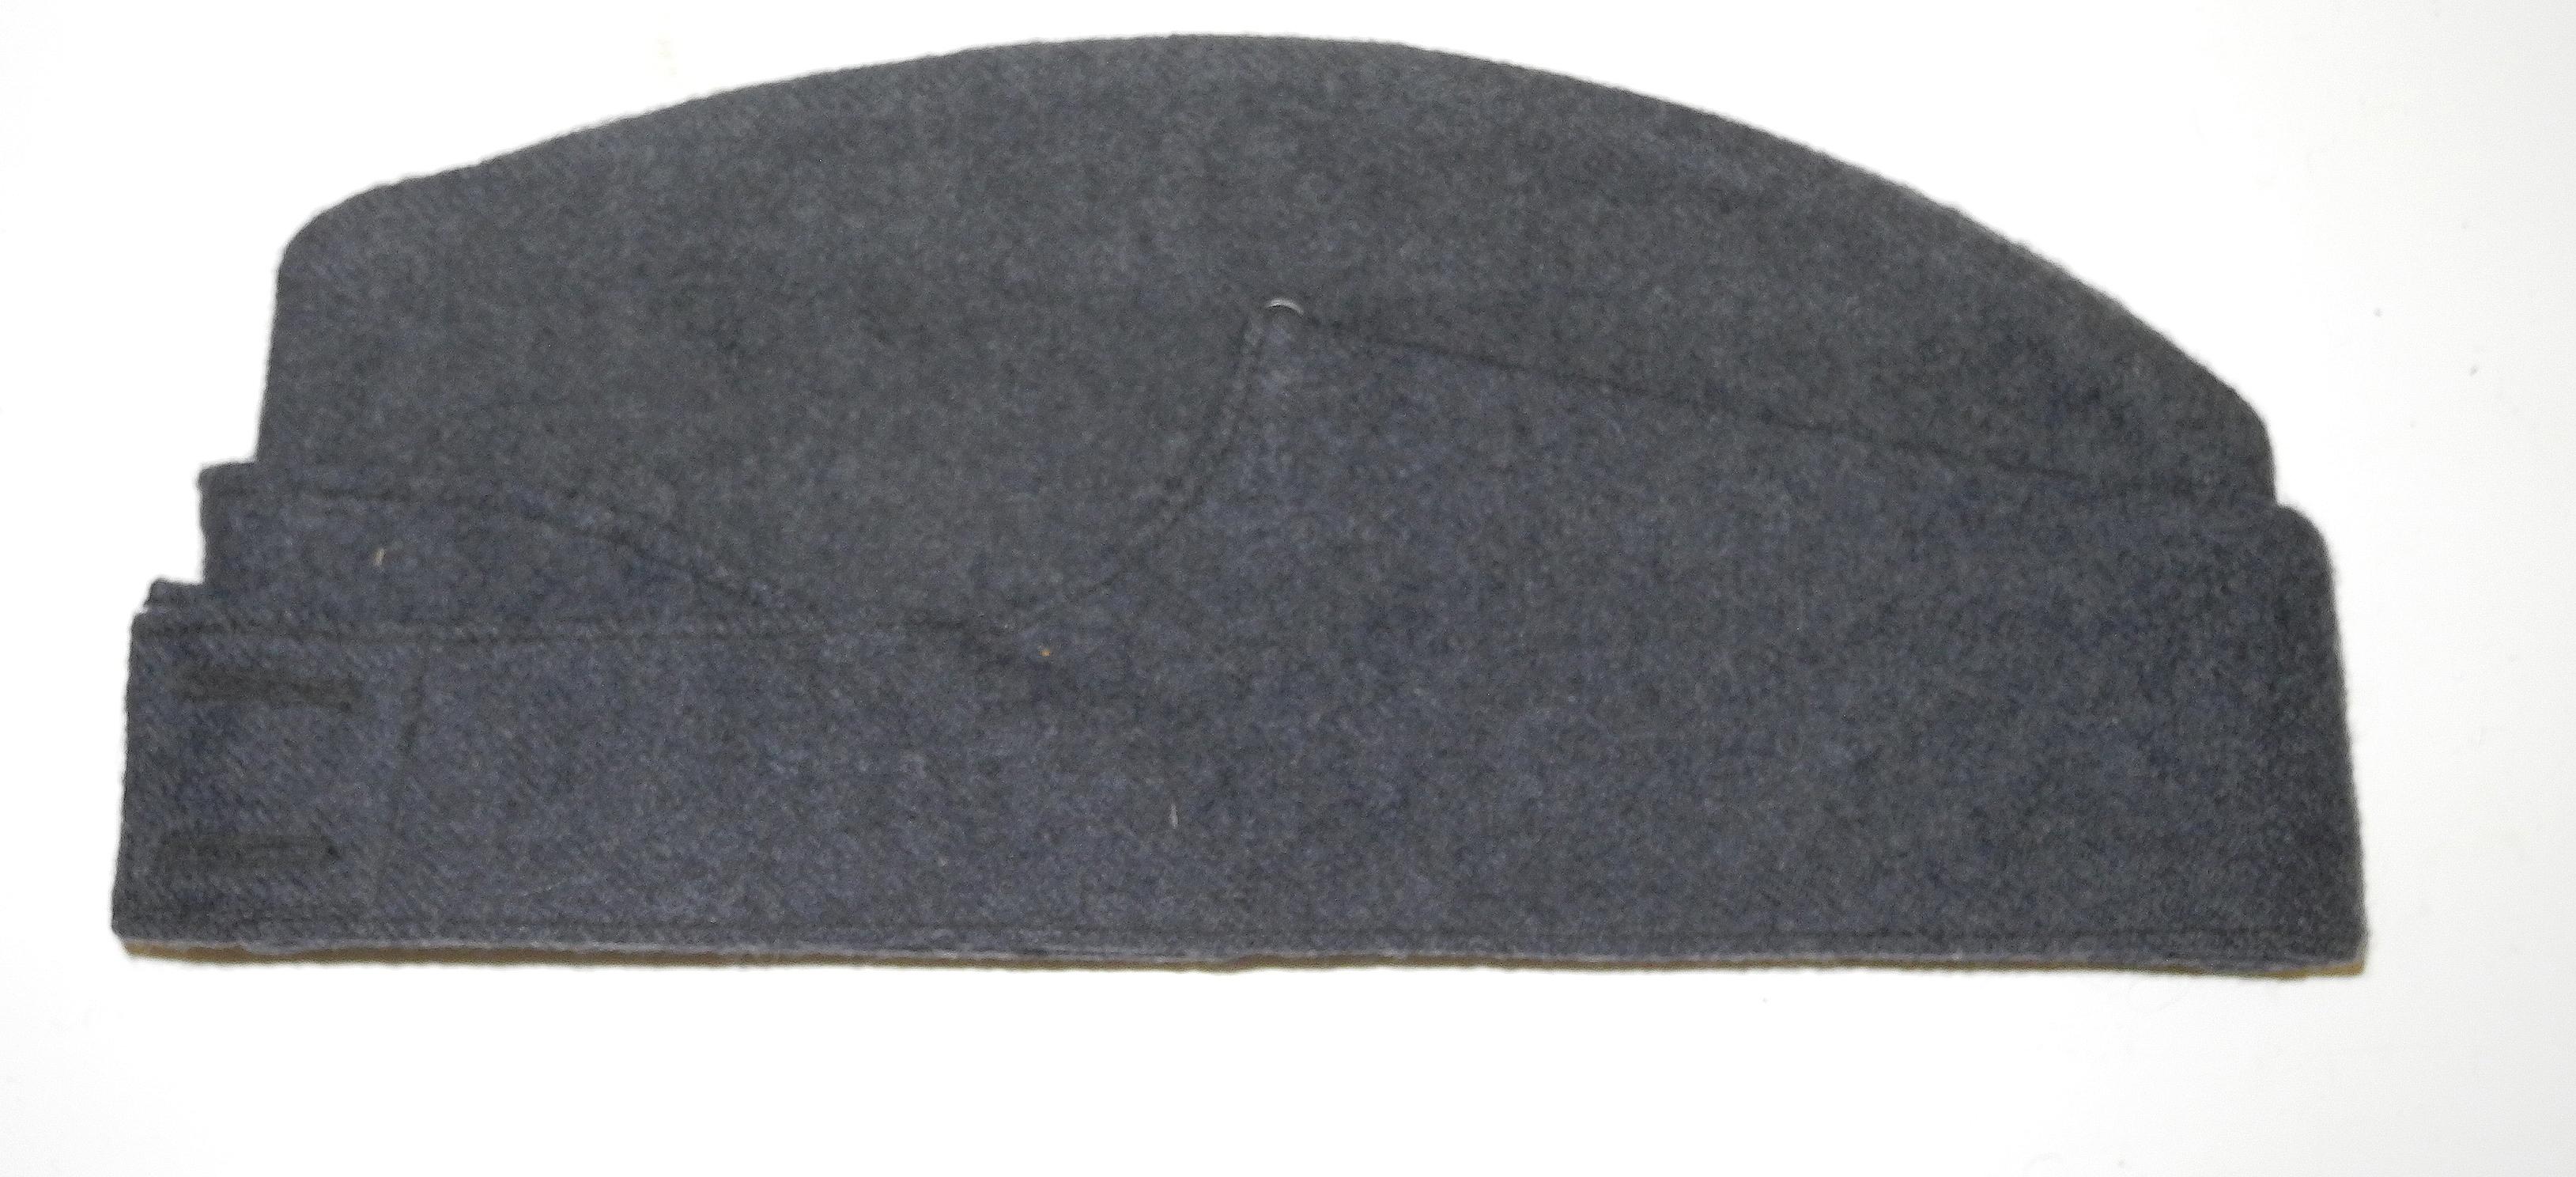 RAF/RCAF sidecap 1940 date